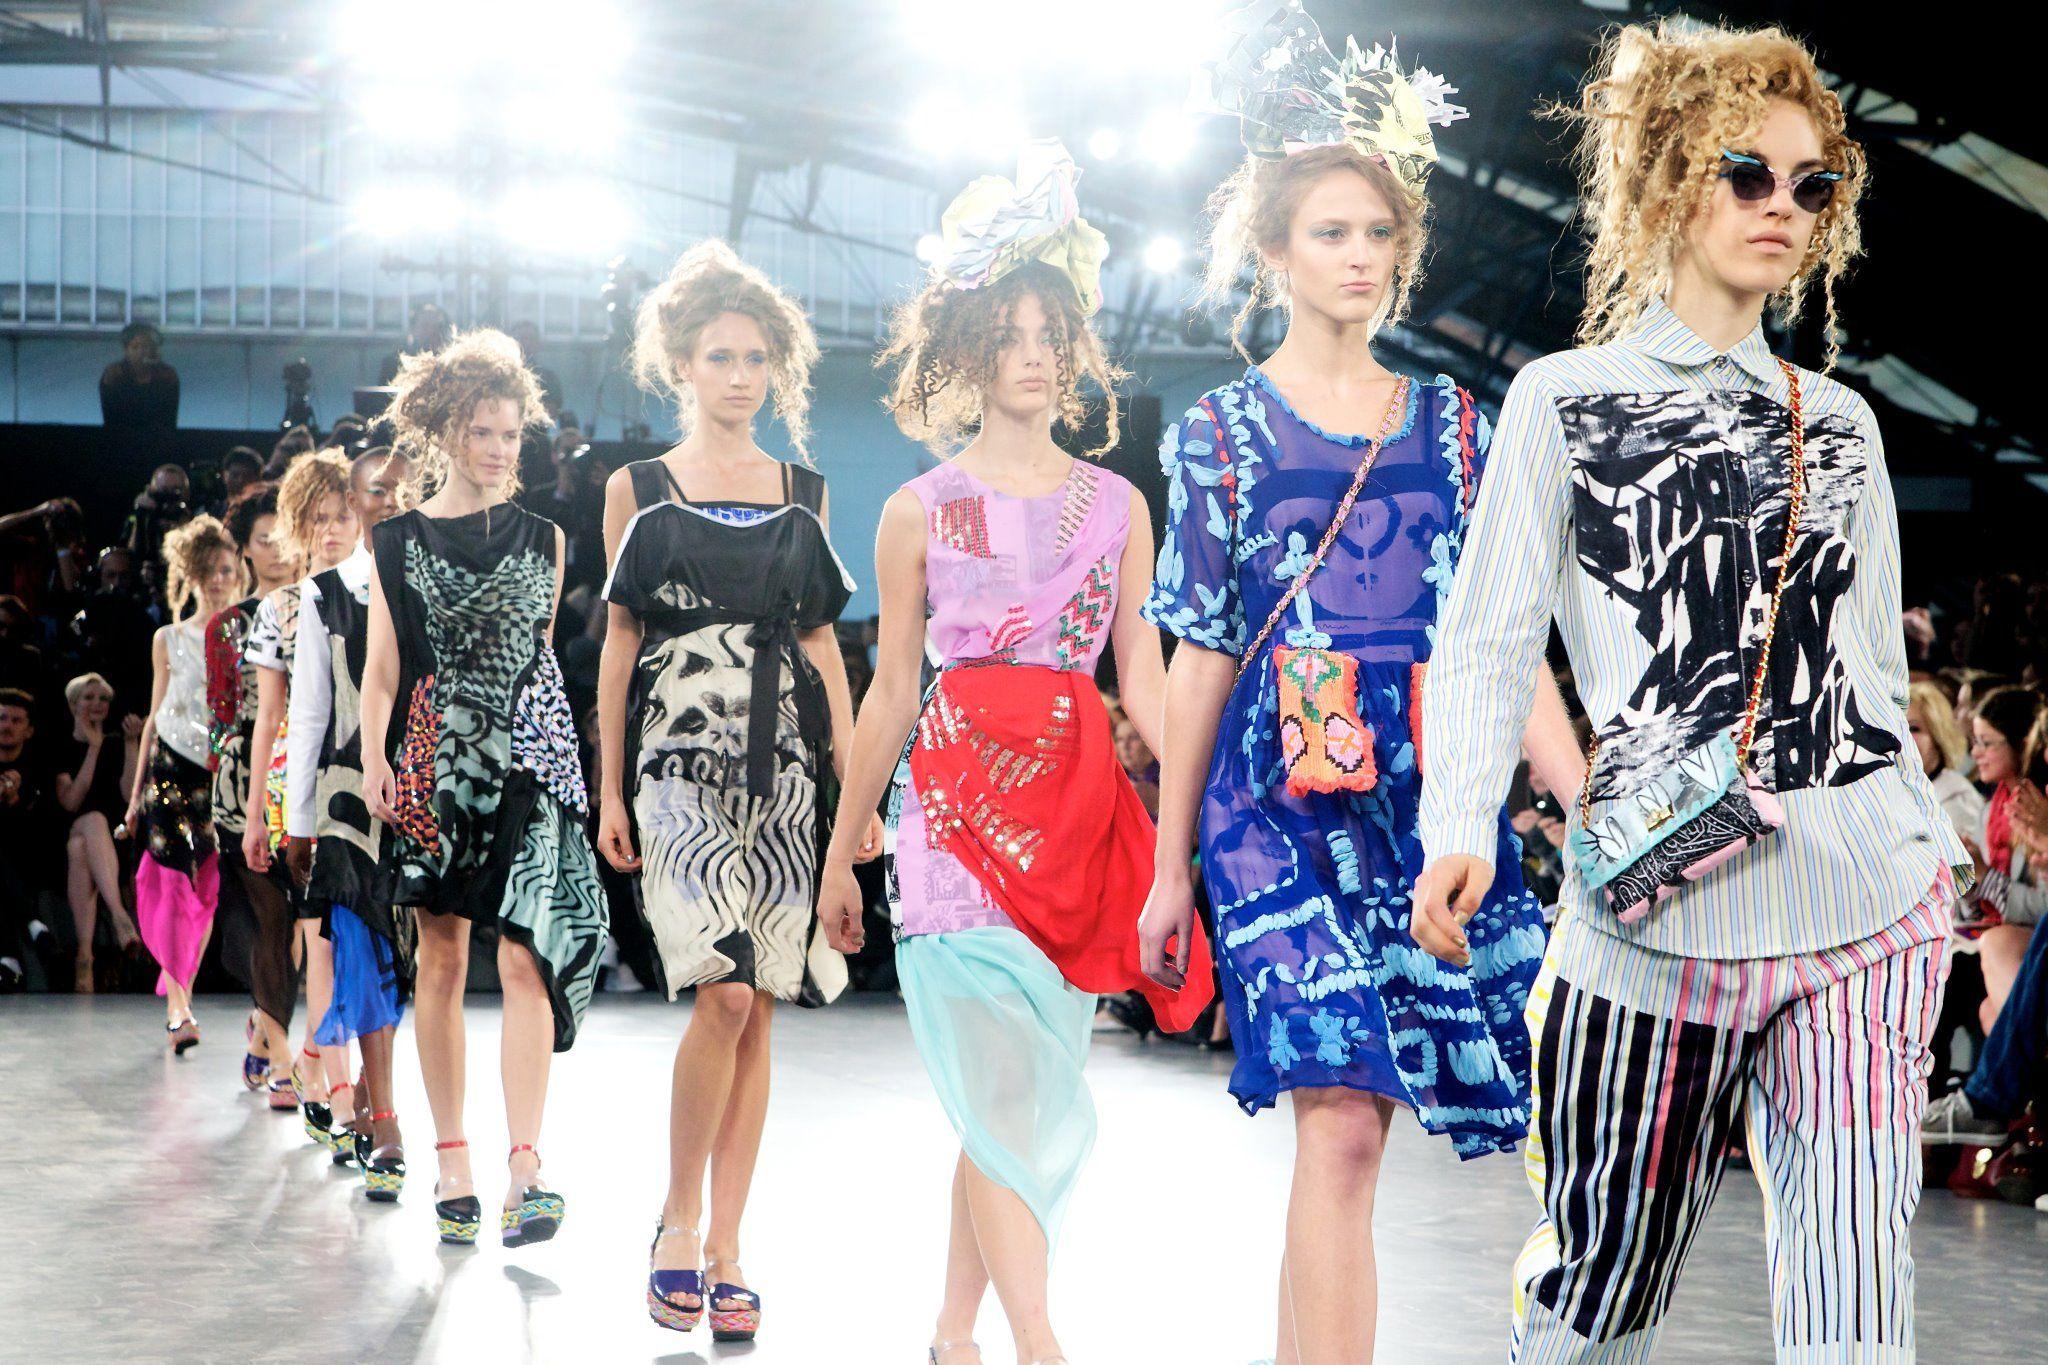 London Fashion Week Fashion Fashion Week London Fashion Week